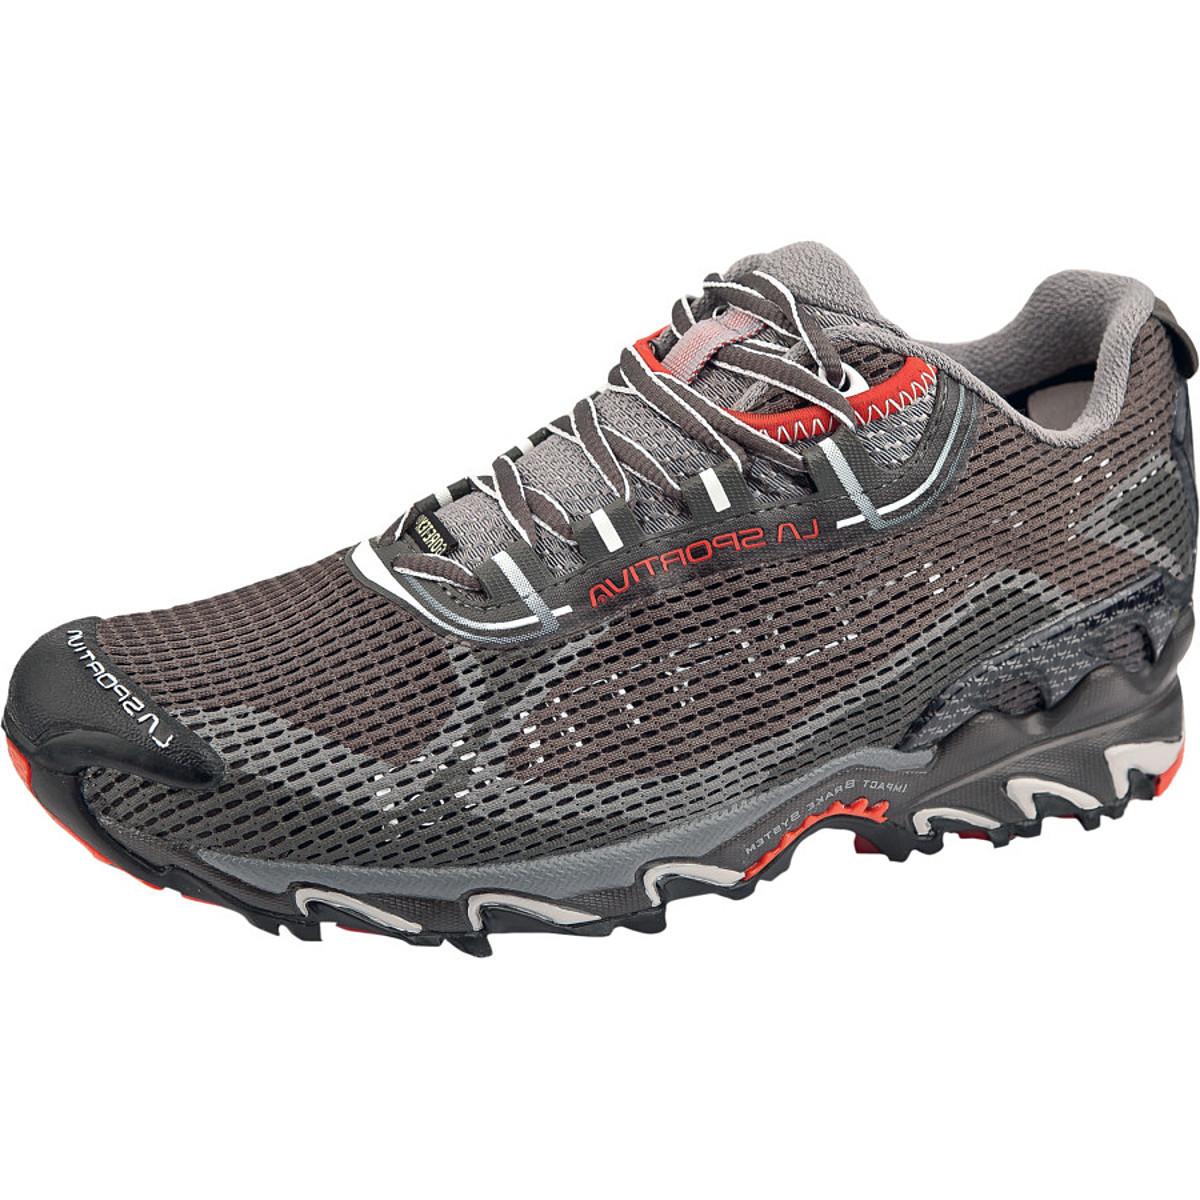 La Sportiva Wildcat 2.0 GTX Trail Running Shoe - Women's